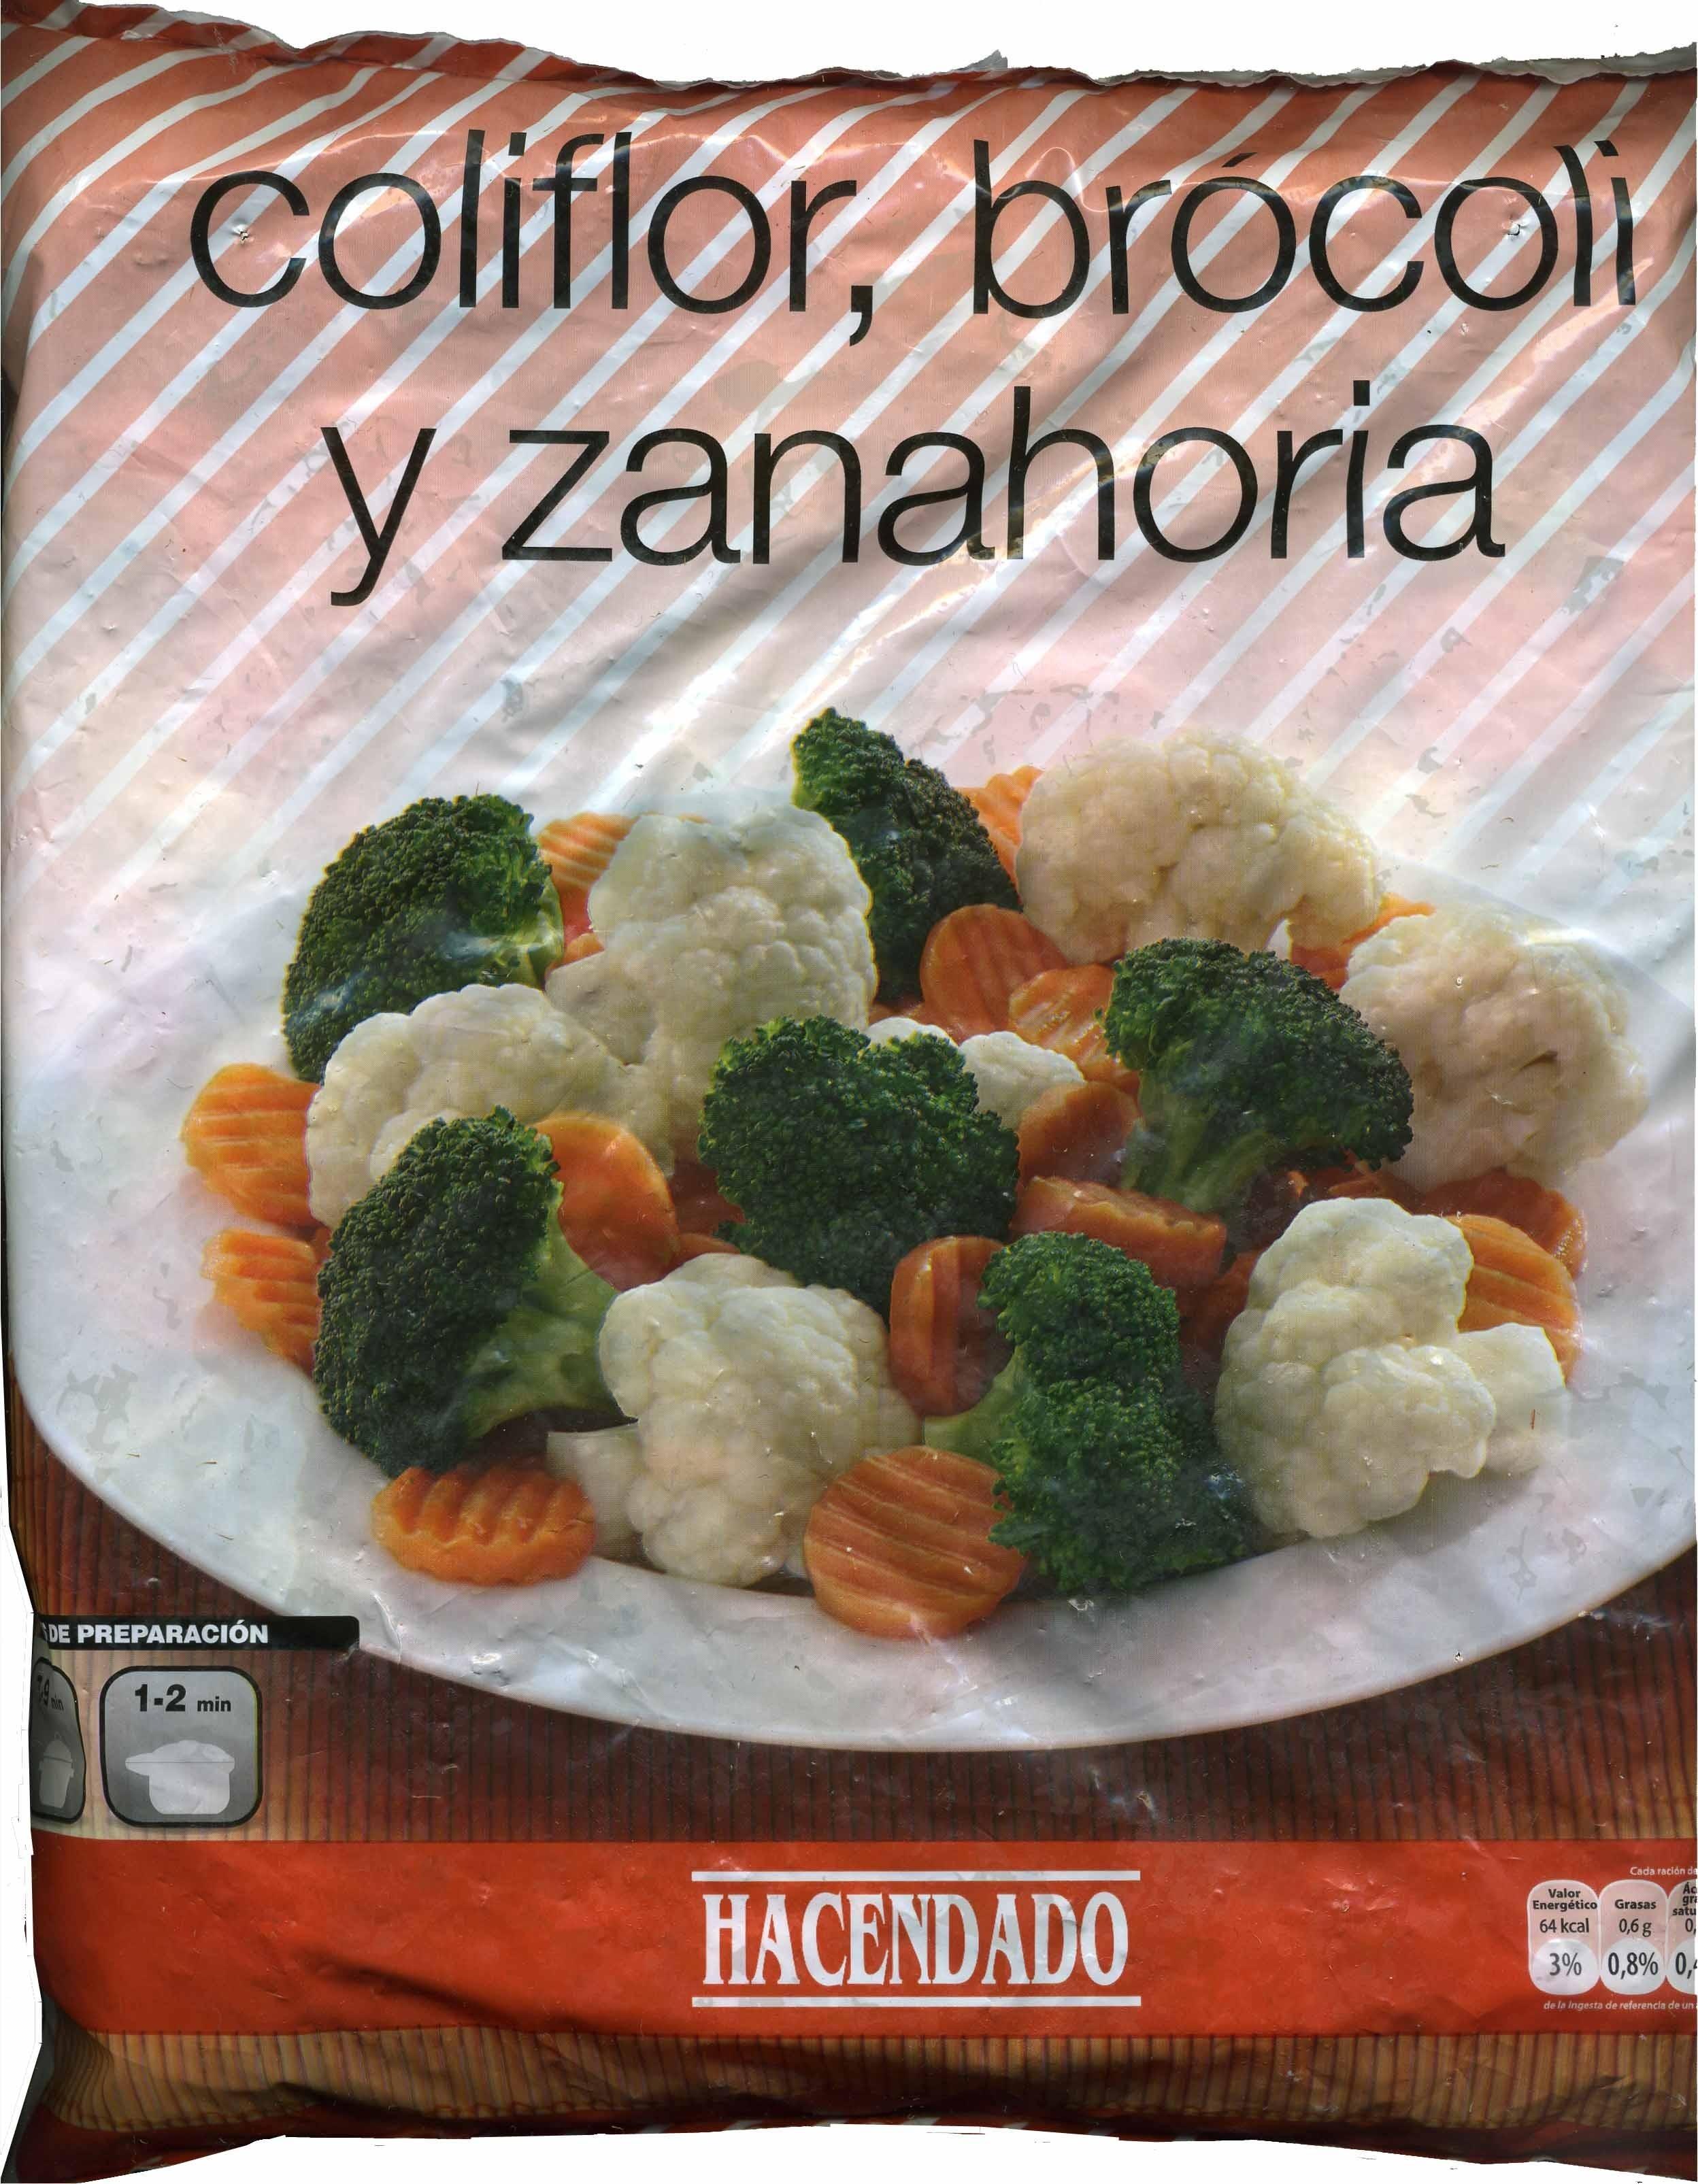 Coliflor, brocoli y zanahoria - Produit